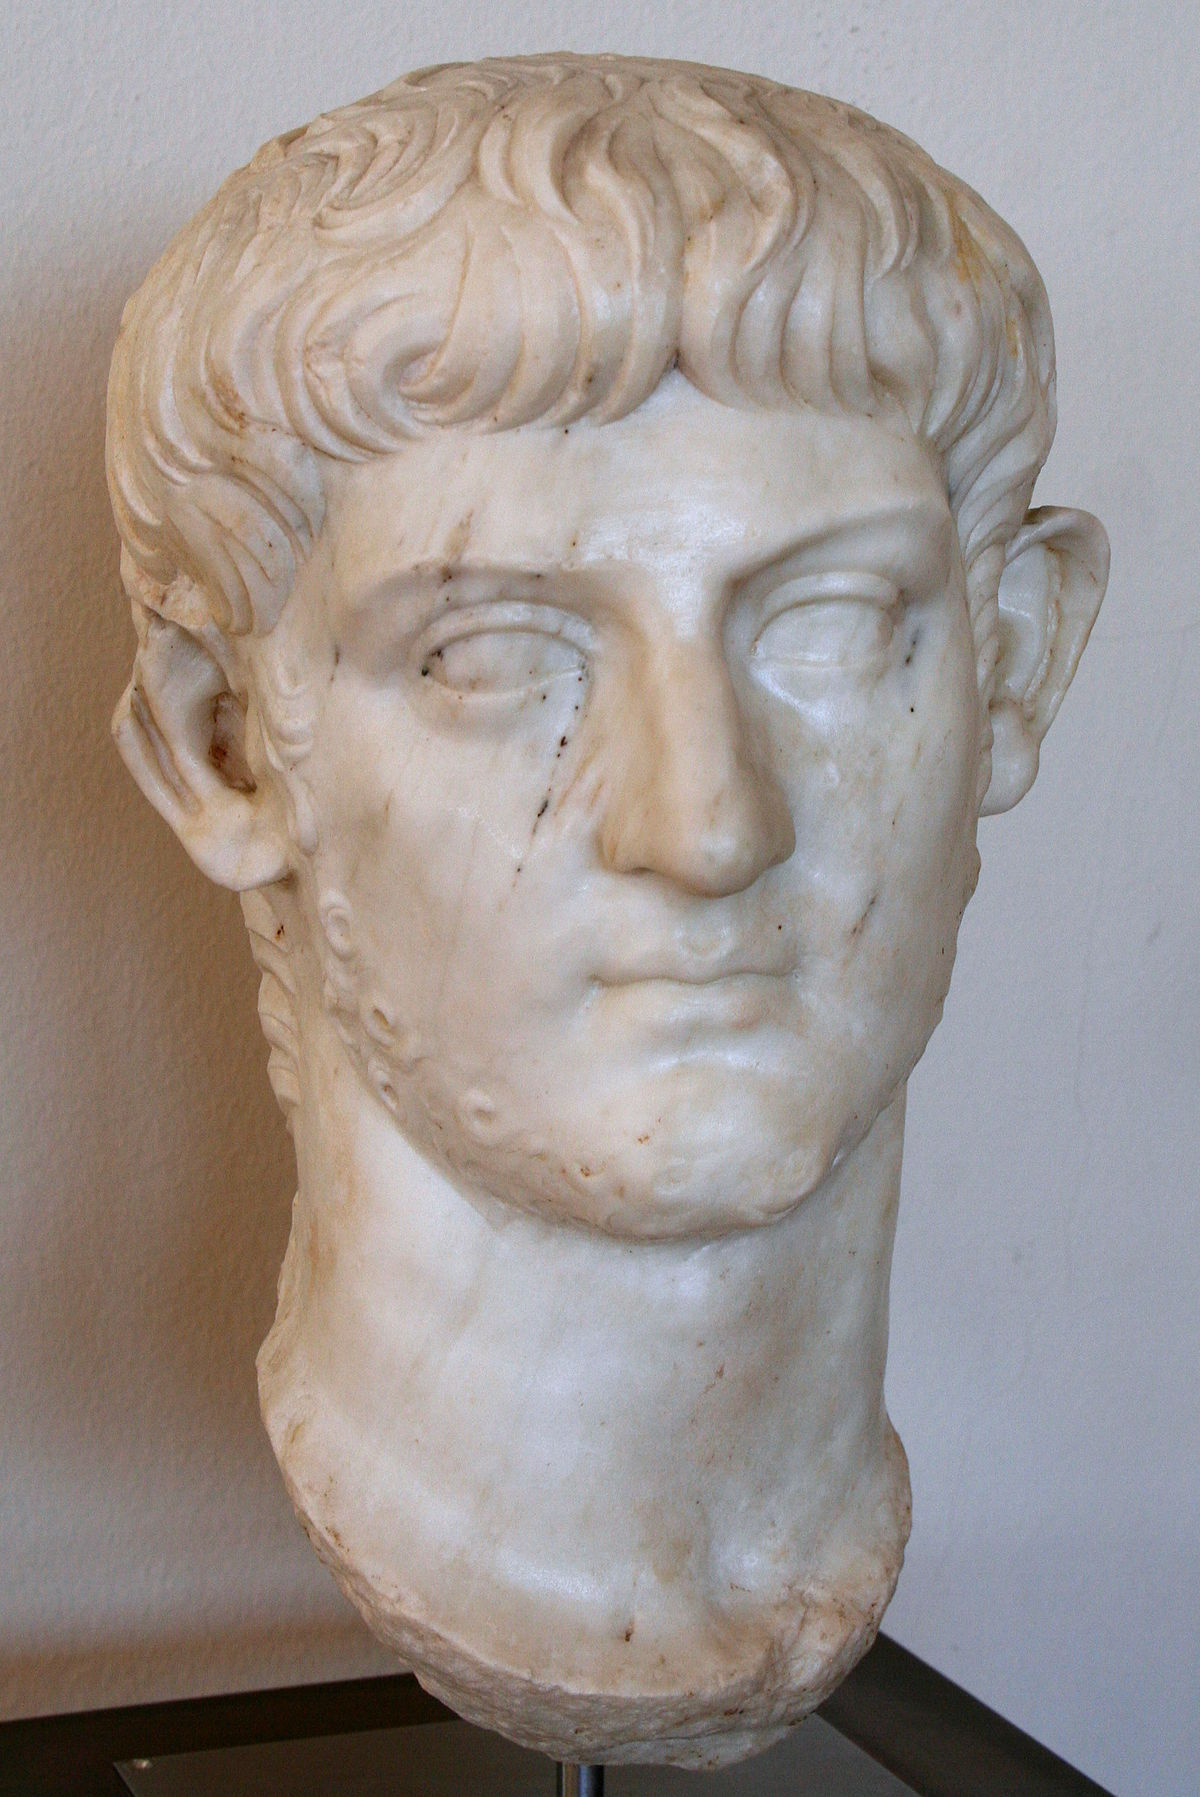 Nero római császár  Wikipédia